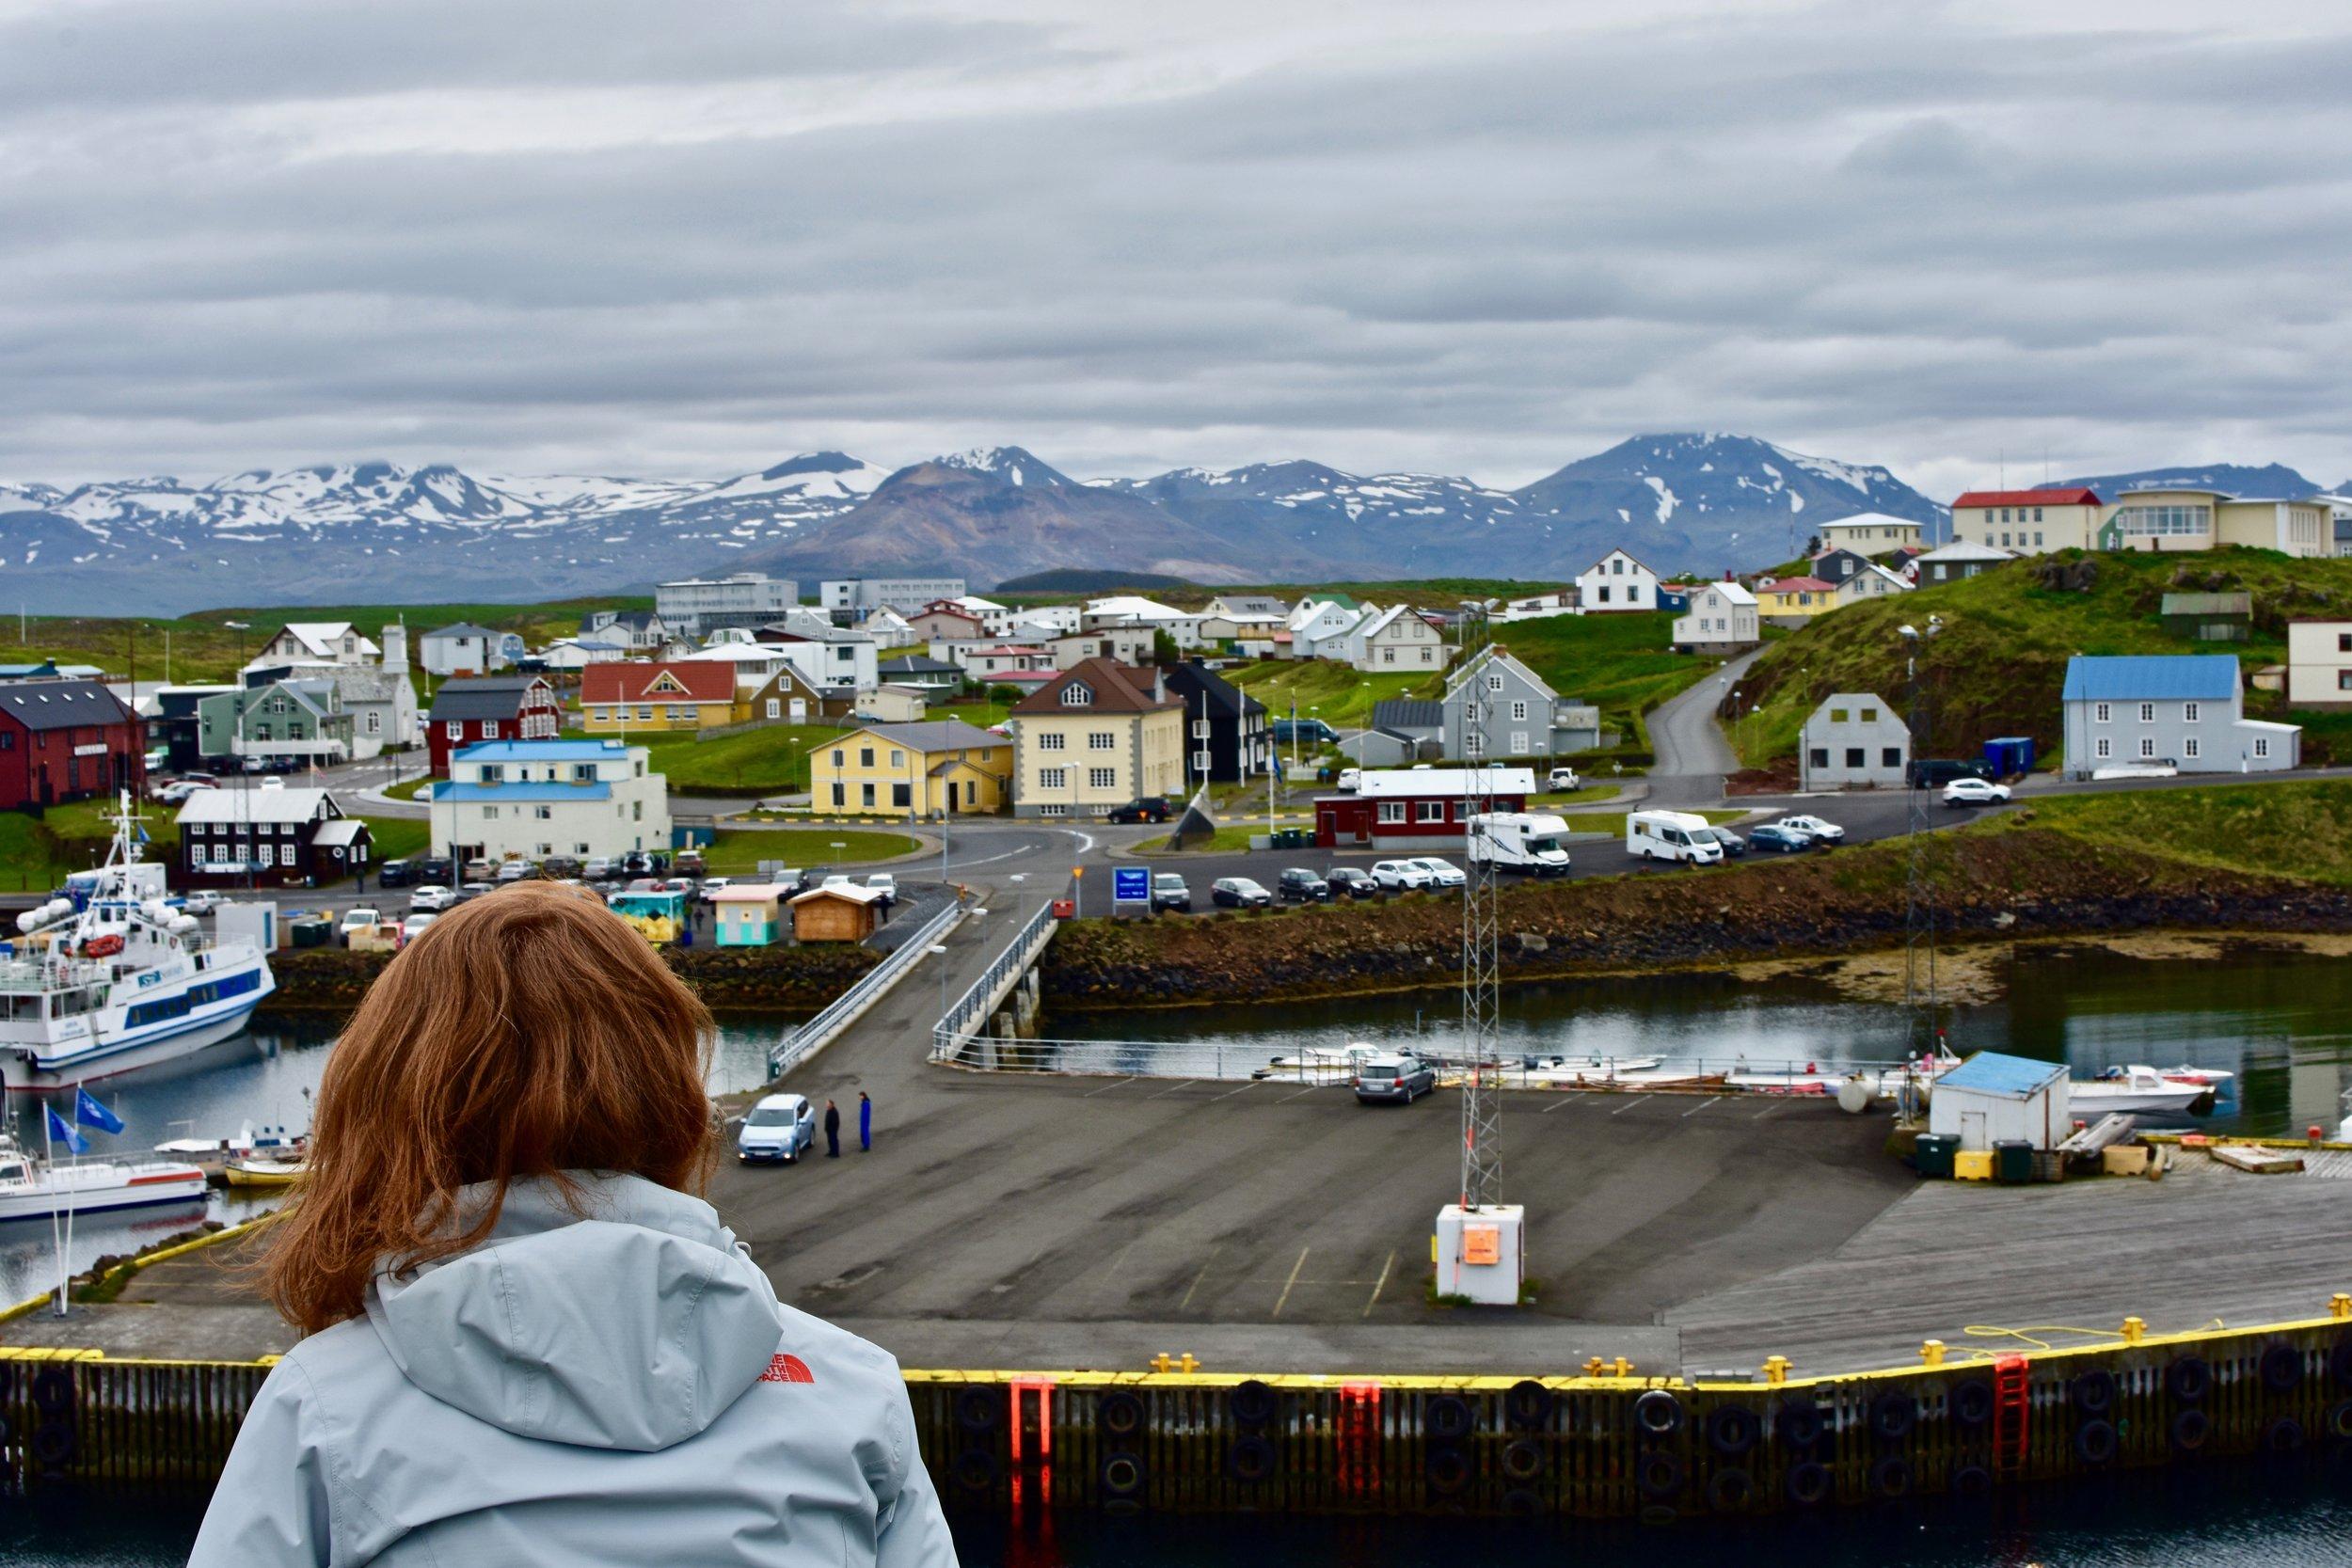 Overlooking Stykkishólmur, Iceland on Snæfellsnes Peninsula